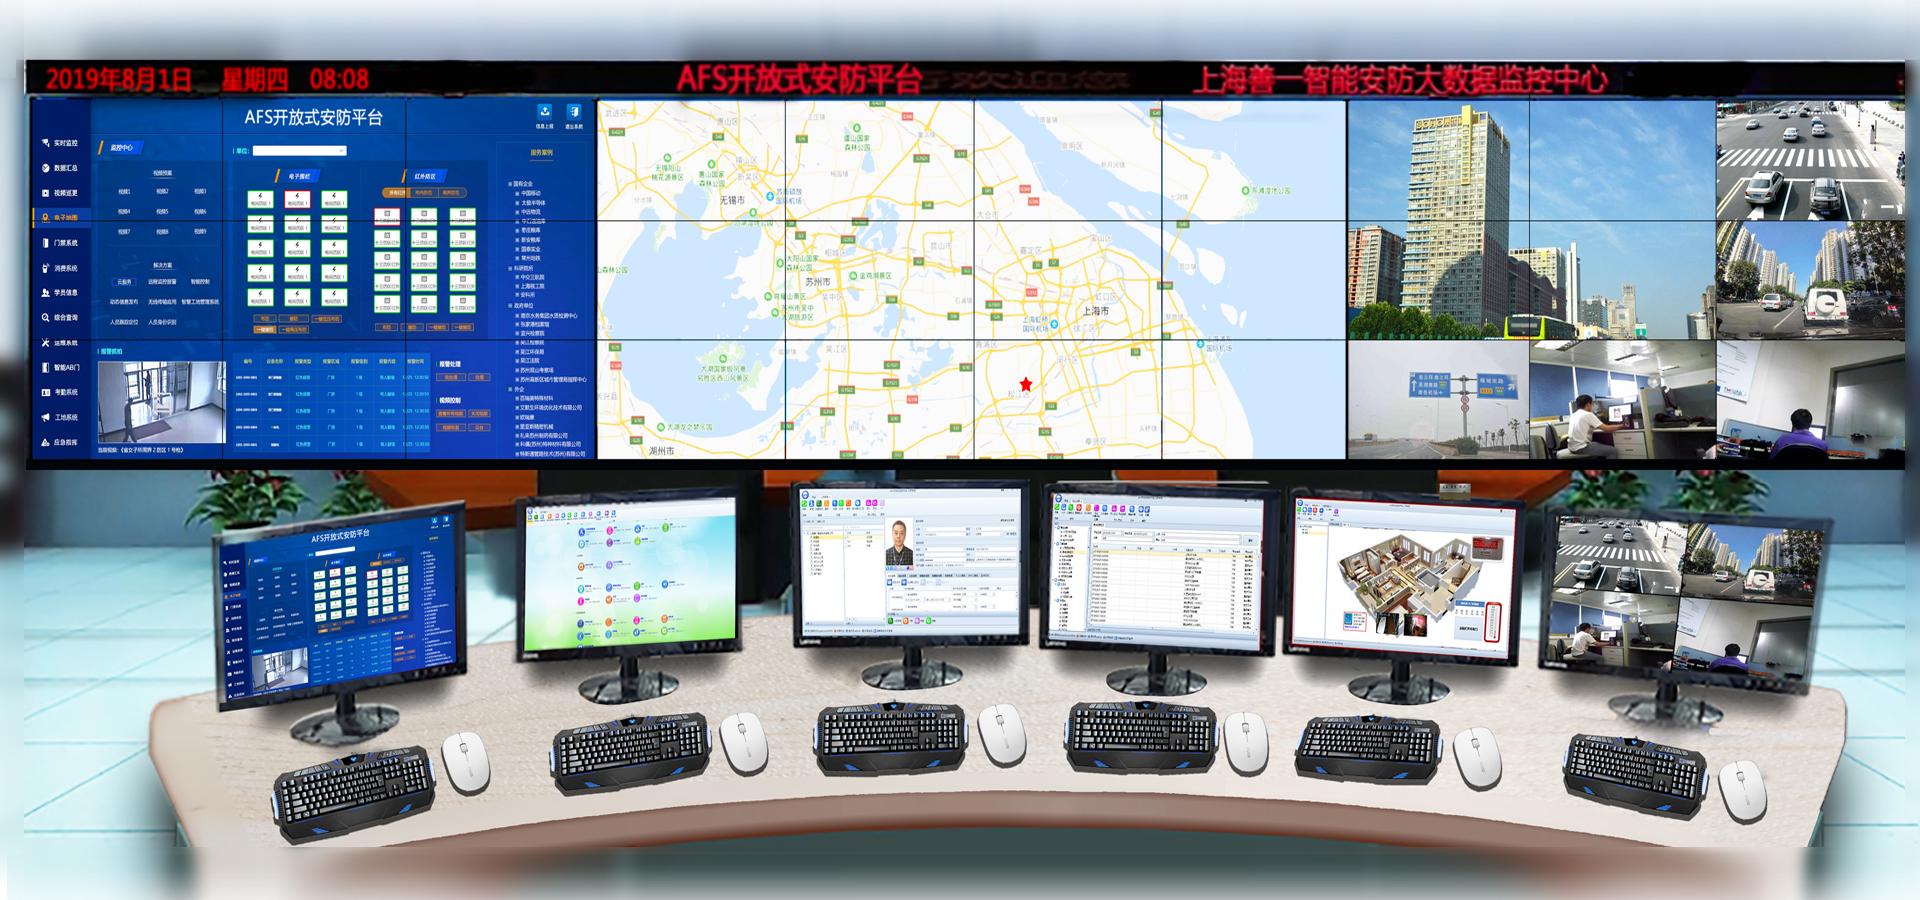 上海fun88官网智能科技有限公司数据中心